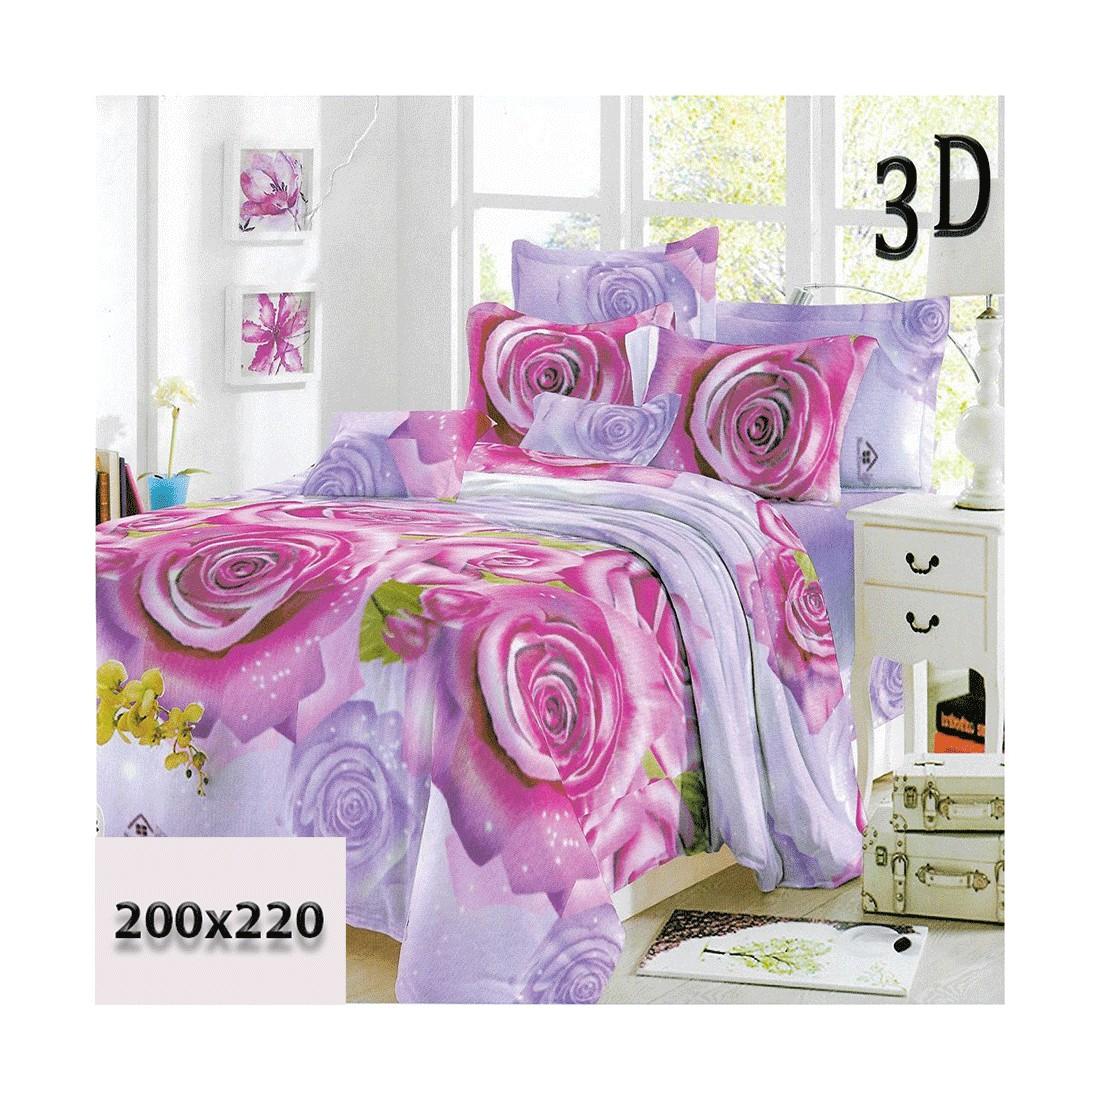 Zestaw pościeli w różowe róże 3d 200/220